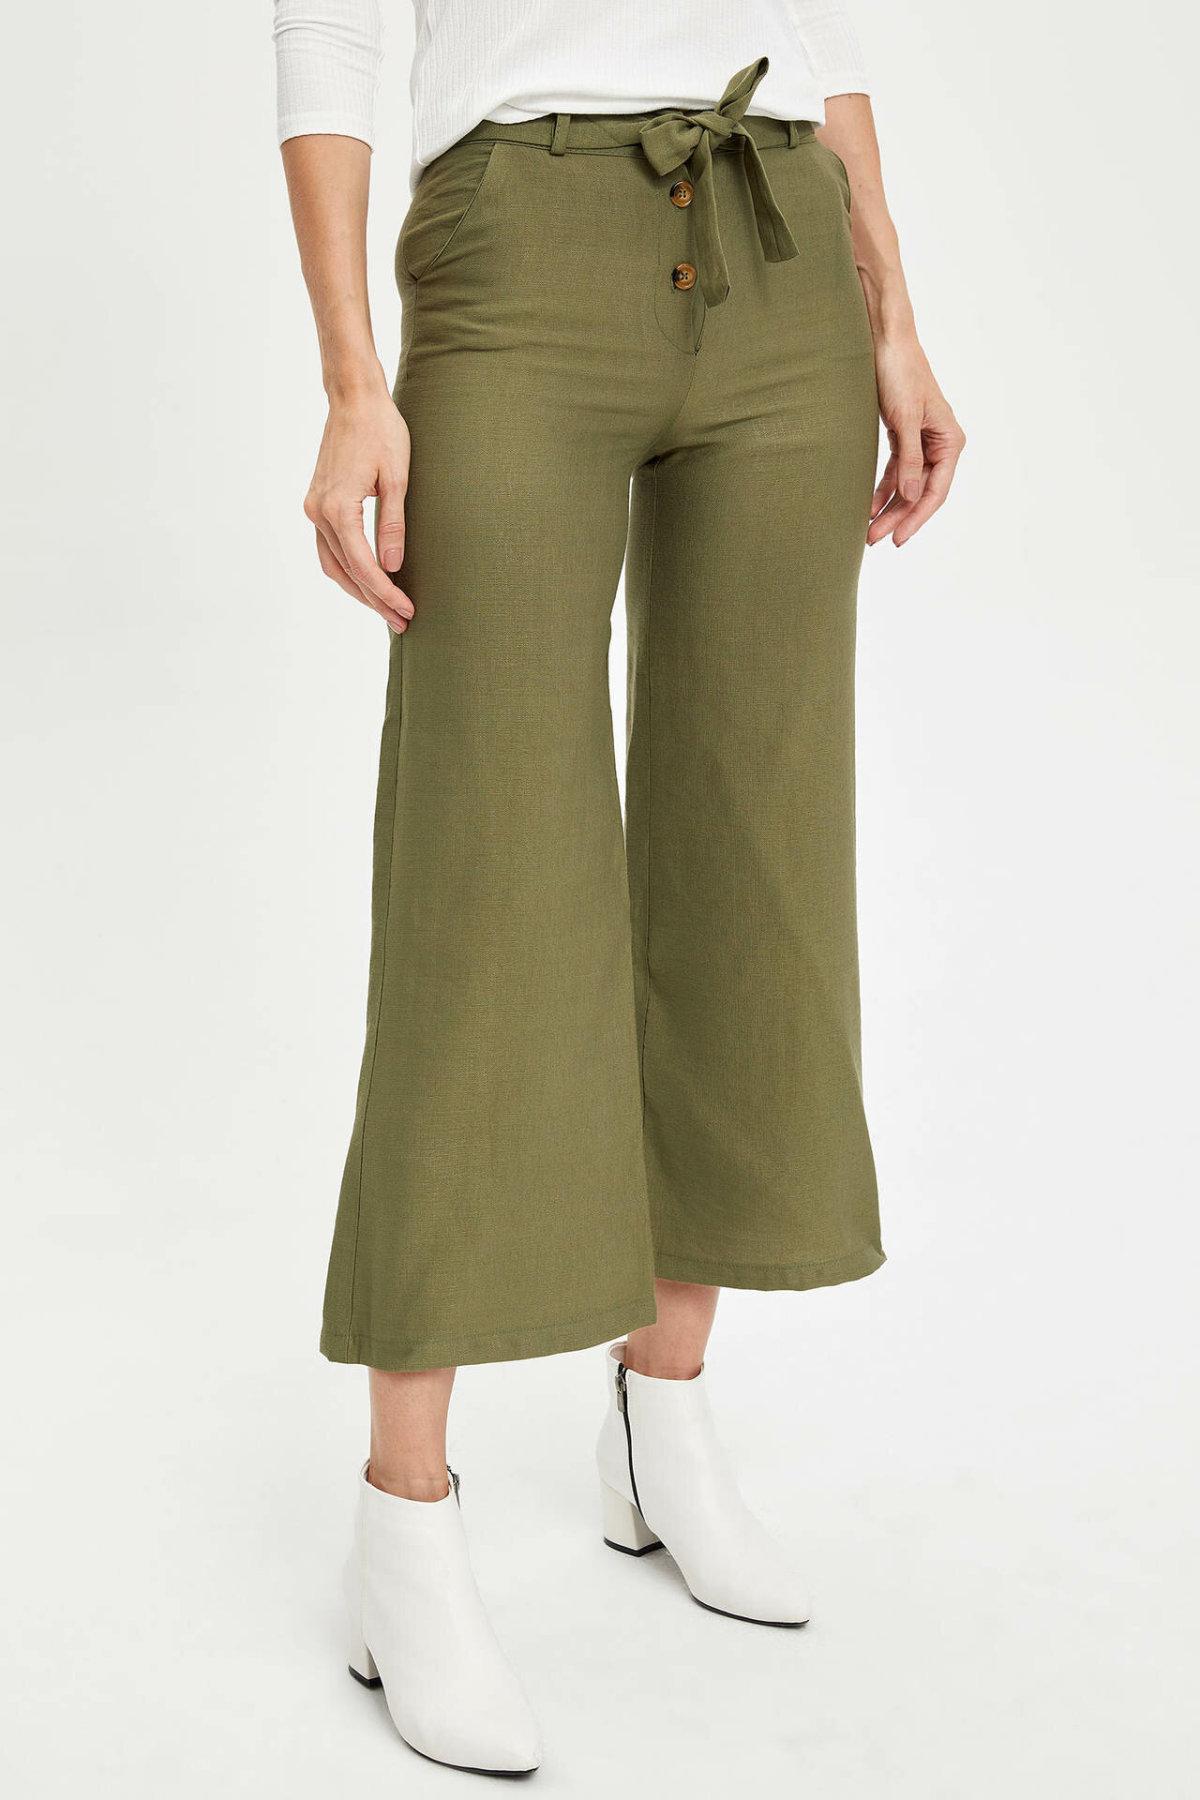 DeFacto Female Fashion Formal Belt Loose Trousers For Ladies Casual Pants Straight Comfort Long Pants Women's - M3939AZ19AU